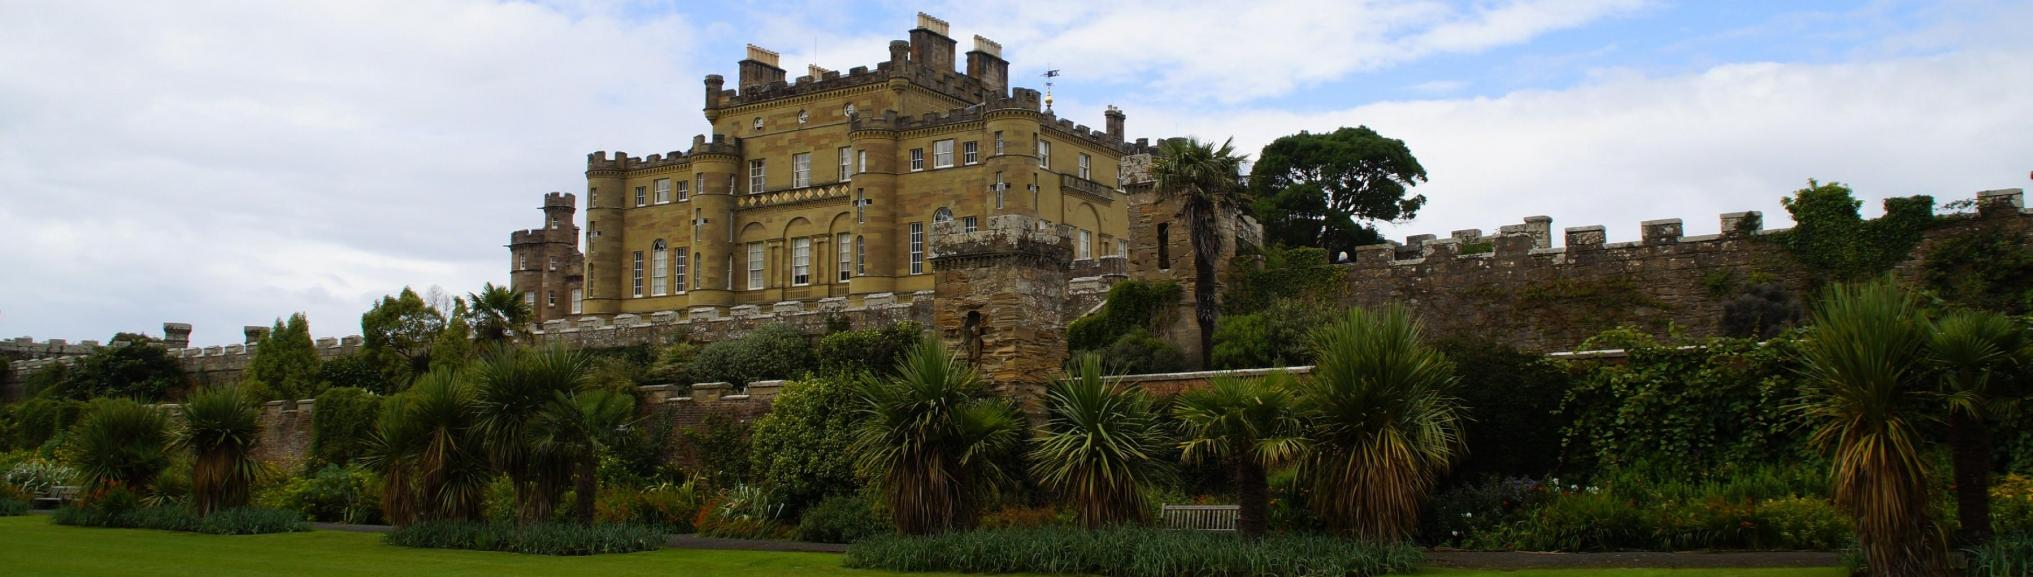 Culzean Castle, Zuidwest-Schotland